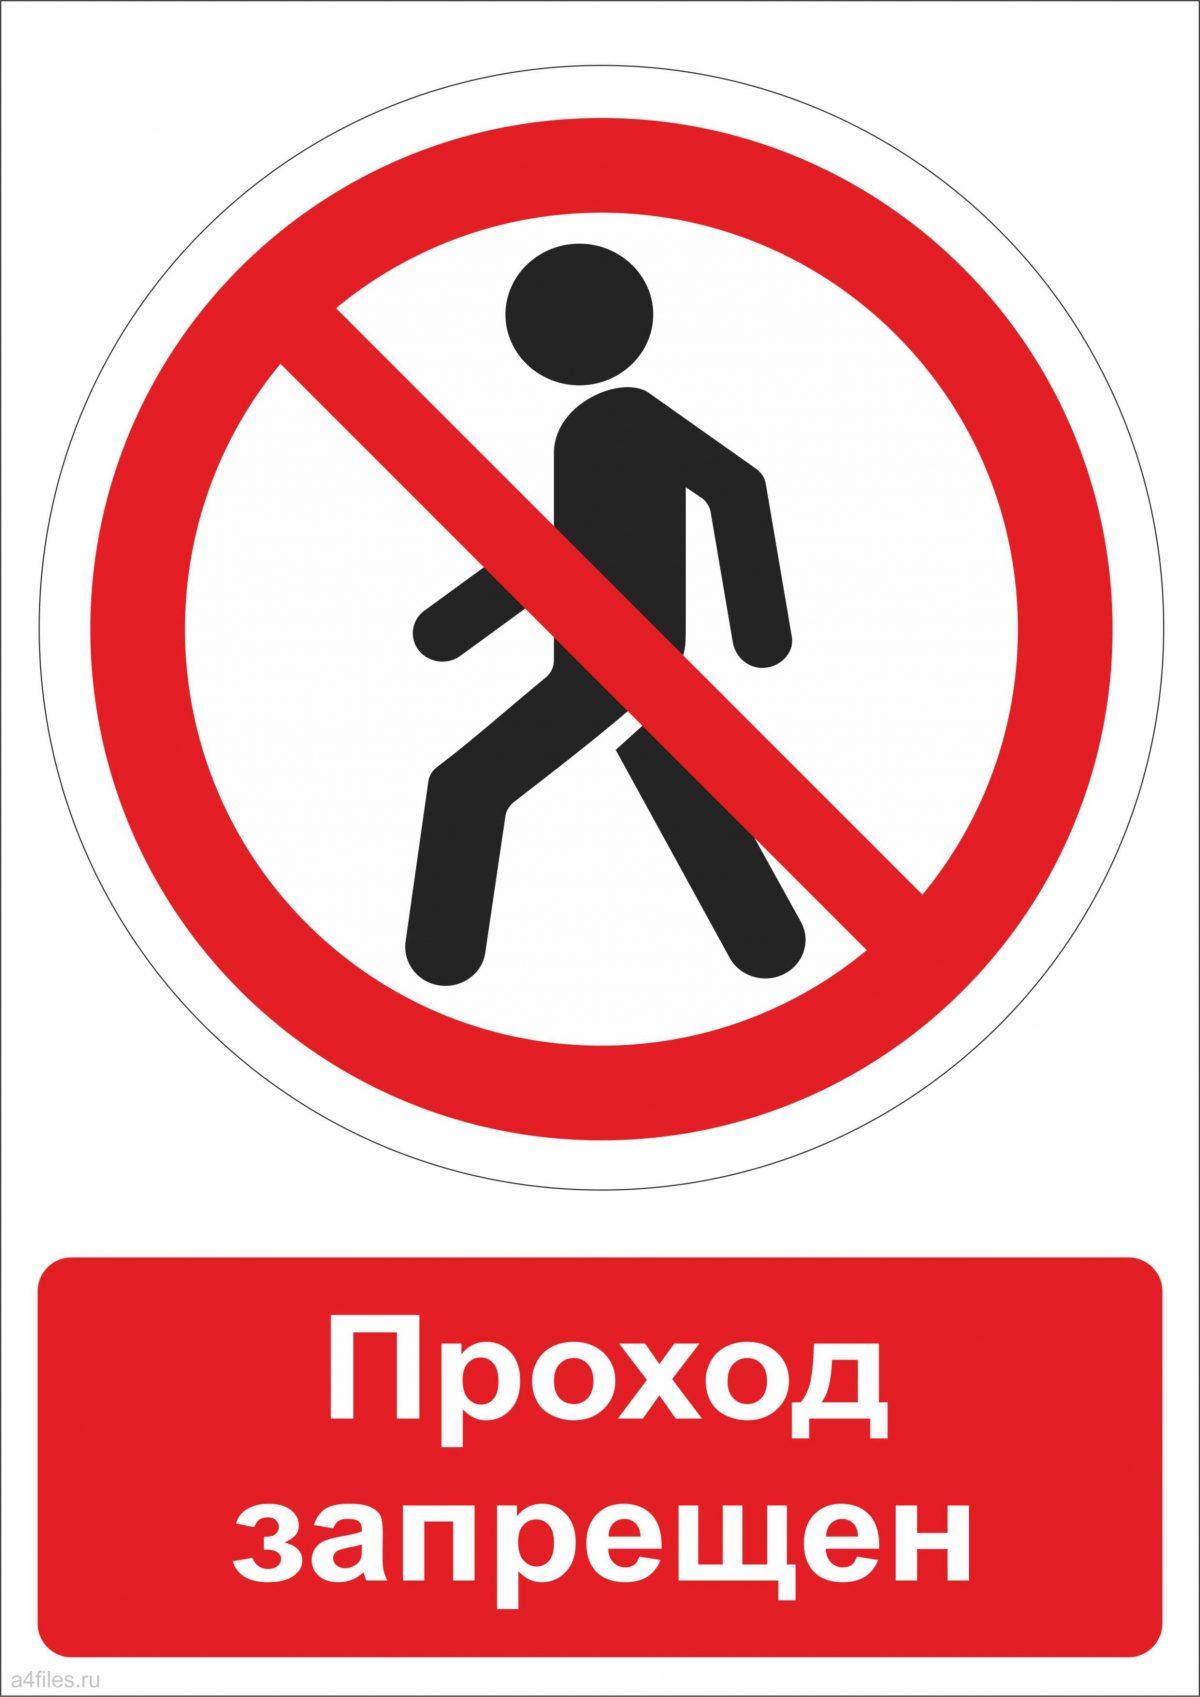 Знак проход запрещен распечатать на листе А4